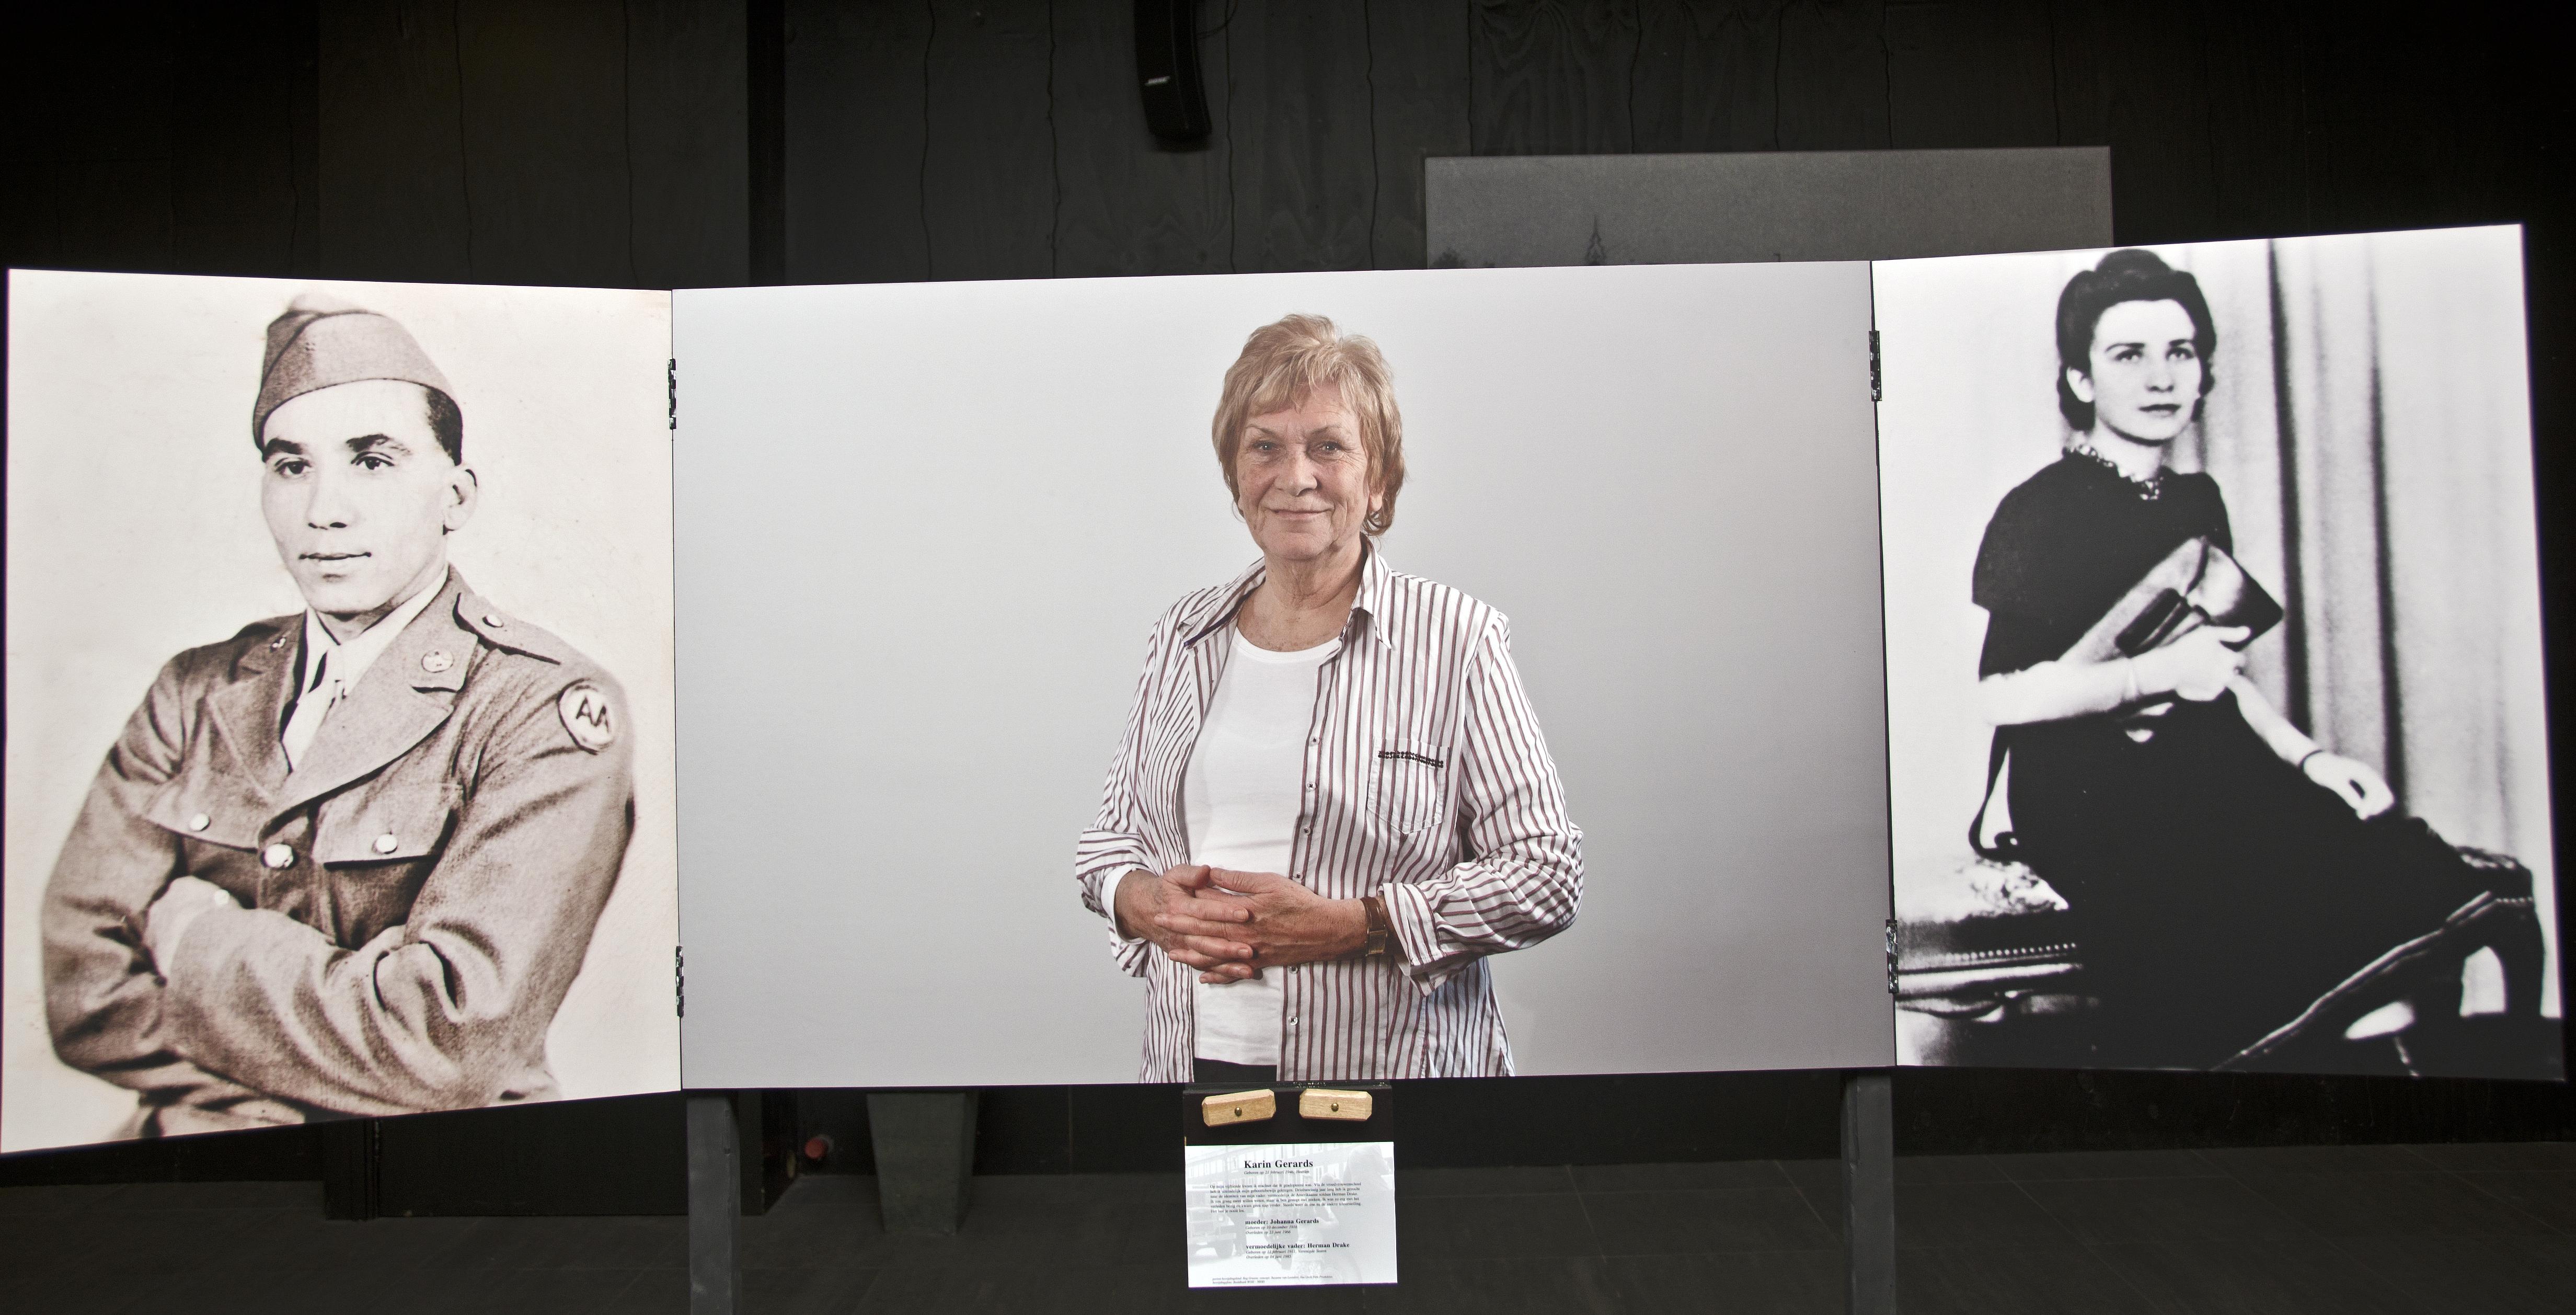 Karin Gerards